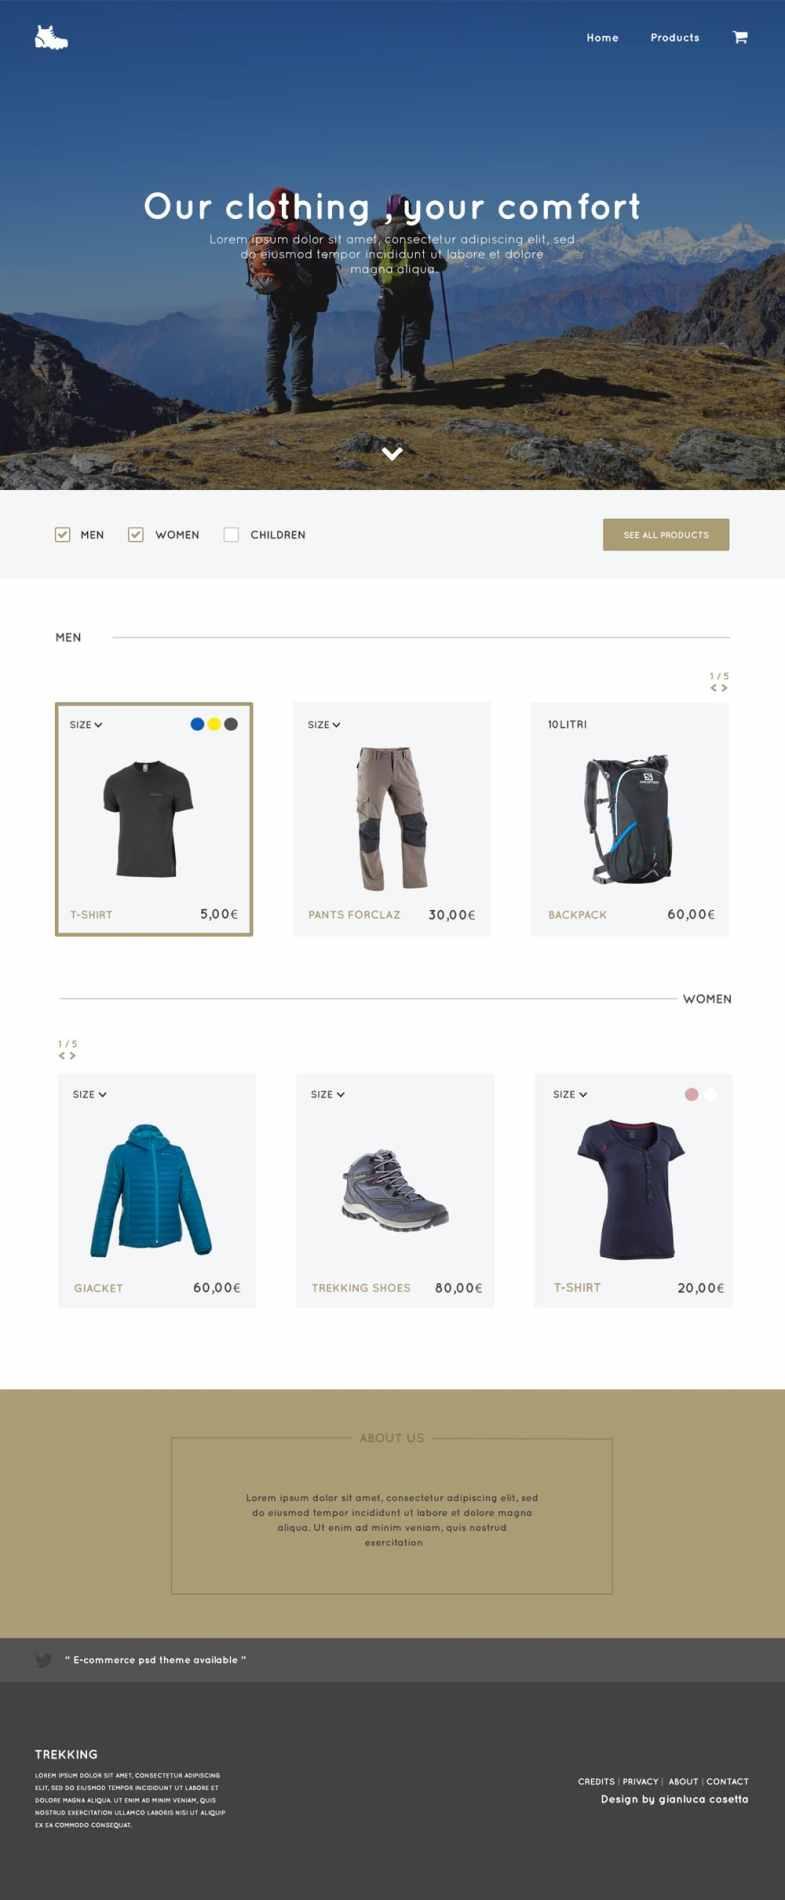 Trekking Store - Free E Commerce Web Template PSD Бесплатные шаблоны для интернет-магазина psd - Trekking Store Free E Commerce Web Template PSD - Бесплатные шаблоны для интернет-магазина PSD